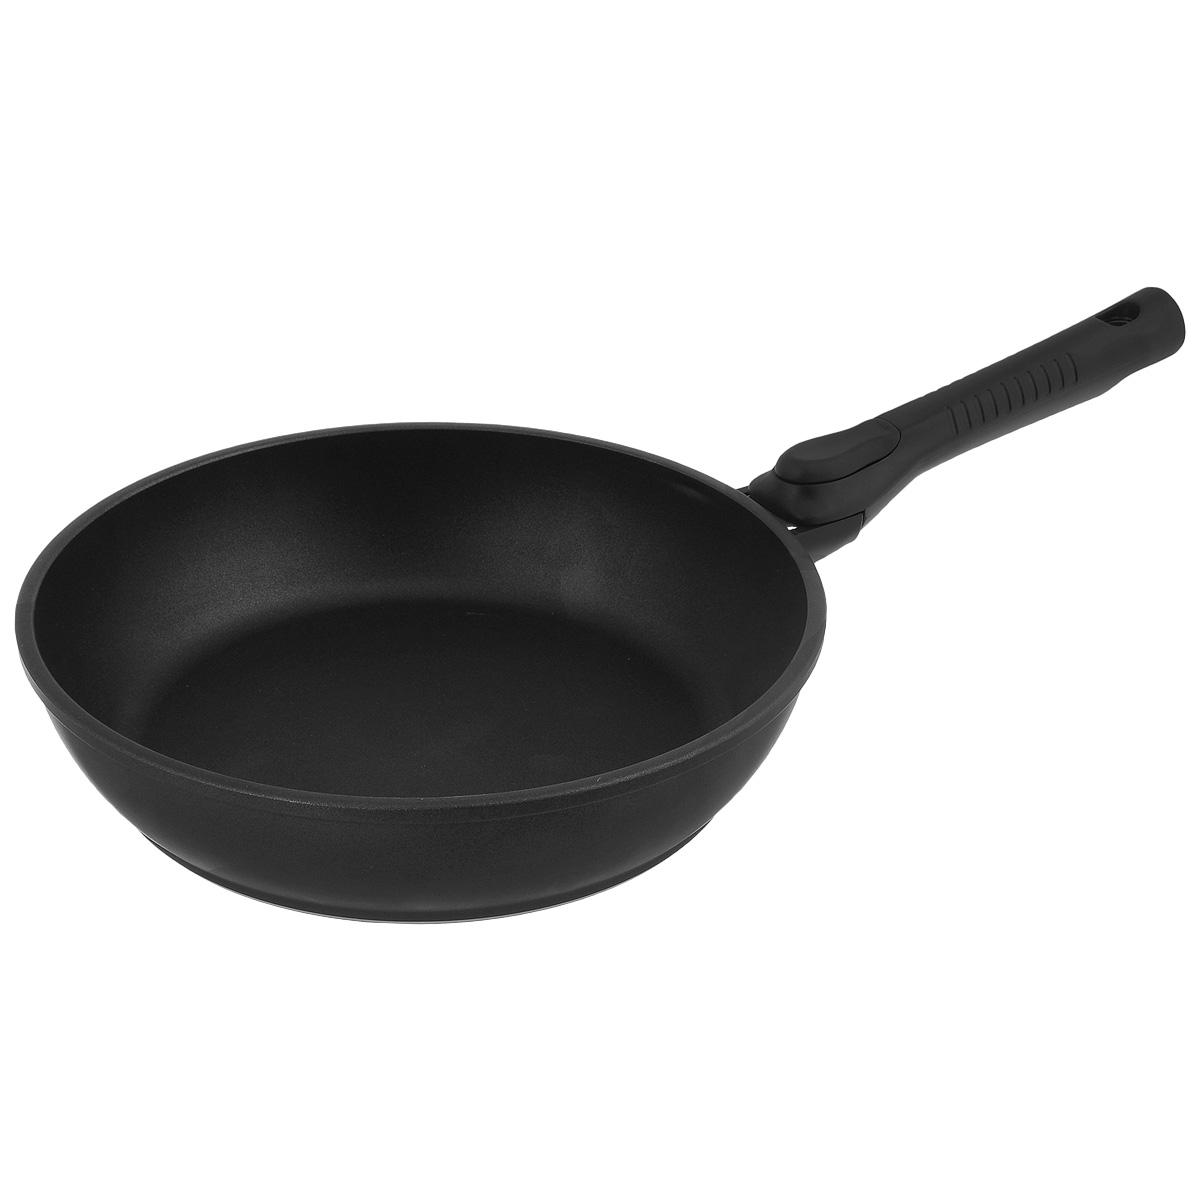 Сковорода литая Нева Металл Посуда Классическая, с антипригарным покрытием, со съемной ручкой, цвет: черный. Диаметр 26 см8026УСковорода НМП Классическая из литого алюминия, с 4-слойным полимер-керамическим антипригарным покрытием, многофункциональна и удобна в эксплуатации, в ней можно жарить, тушить и томить. Отлично подходит для приготовления гарниров и блюд с большим количеством ингредиентов. Эргономичная ручка - съемная, что позволяет использовать сковороду в духовом шкафу. Благодаря качественному антипригарному покрытию, вы можете готовить с минимальным количеством масла. Особенности посуды серии ТИТАН: - 4-слойная антипригарная полимер-керамическая система ТИТАН является эталоном износостойкости антипригарного покрытия, непревзойденного по сроку службы и длительности сохранения антипригарных свойств, благодаря особому составу, структуре и толщине - в состав системы ТИТАН входят антипригарные слои на водной основе - система ТИТАН традиционно производится без использования PFOA /перфтороктановой кислоты/ - равномерно нагревается за счет особой конструкции корпуса по...